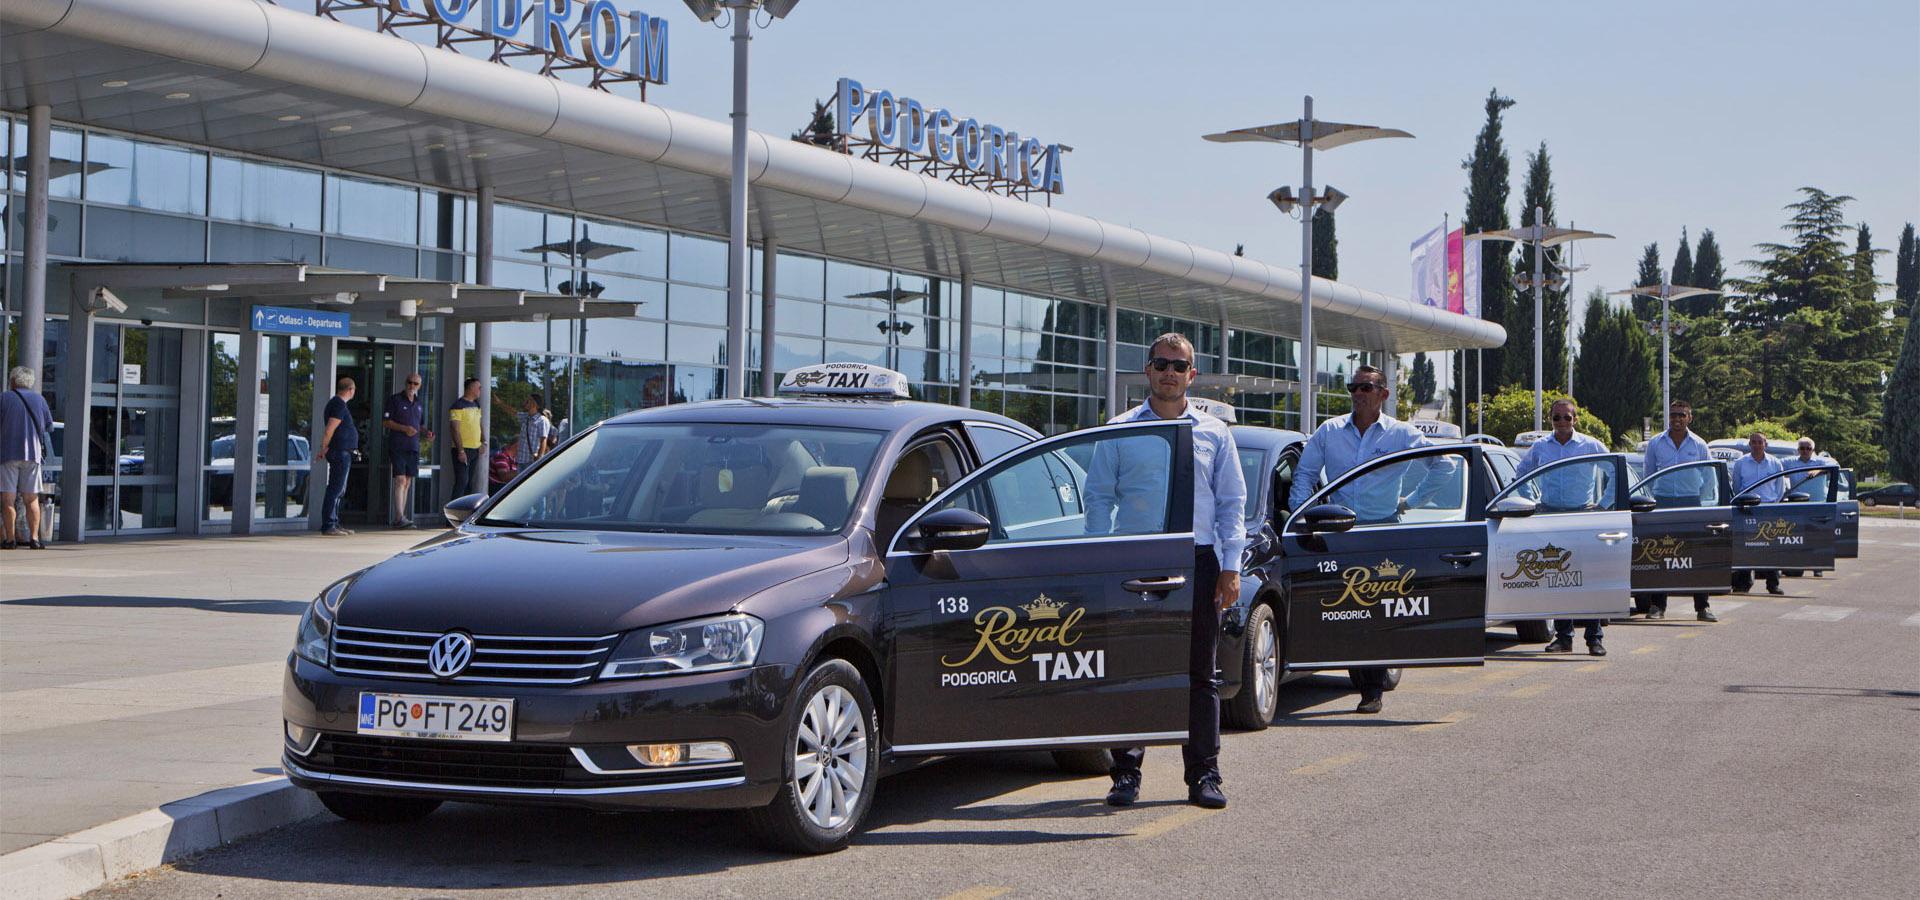 Автомобили такси с водителями